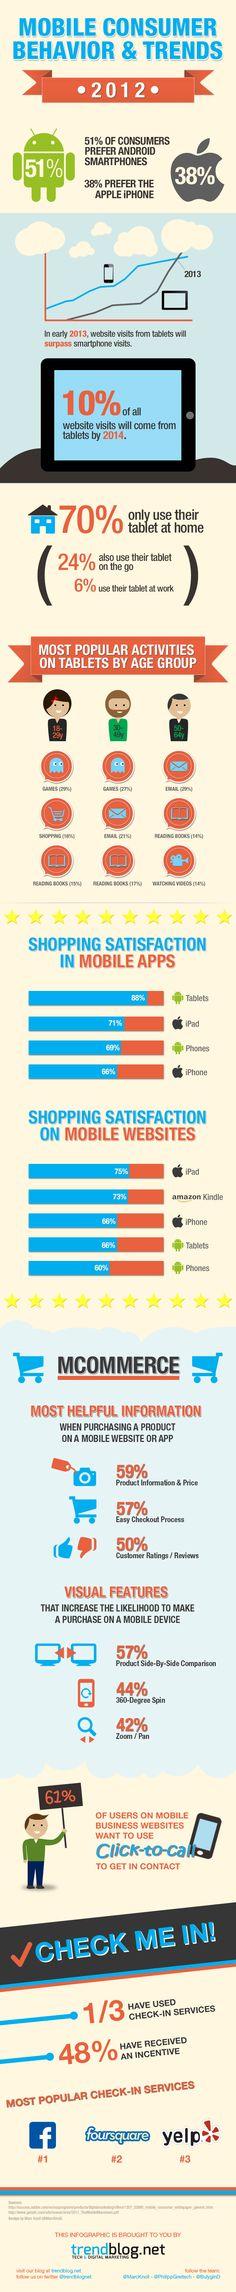 Tendencias de consumo en el móvil 2012 #infografía